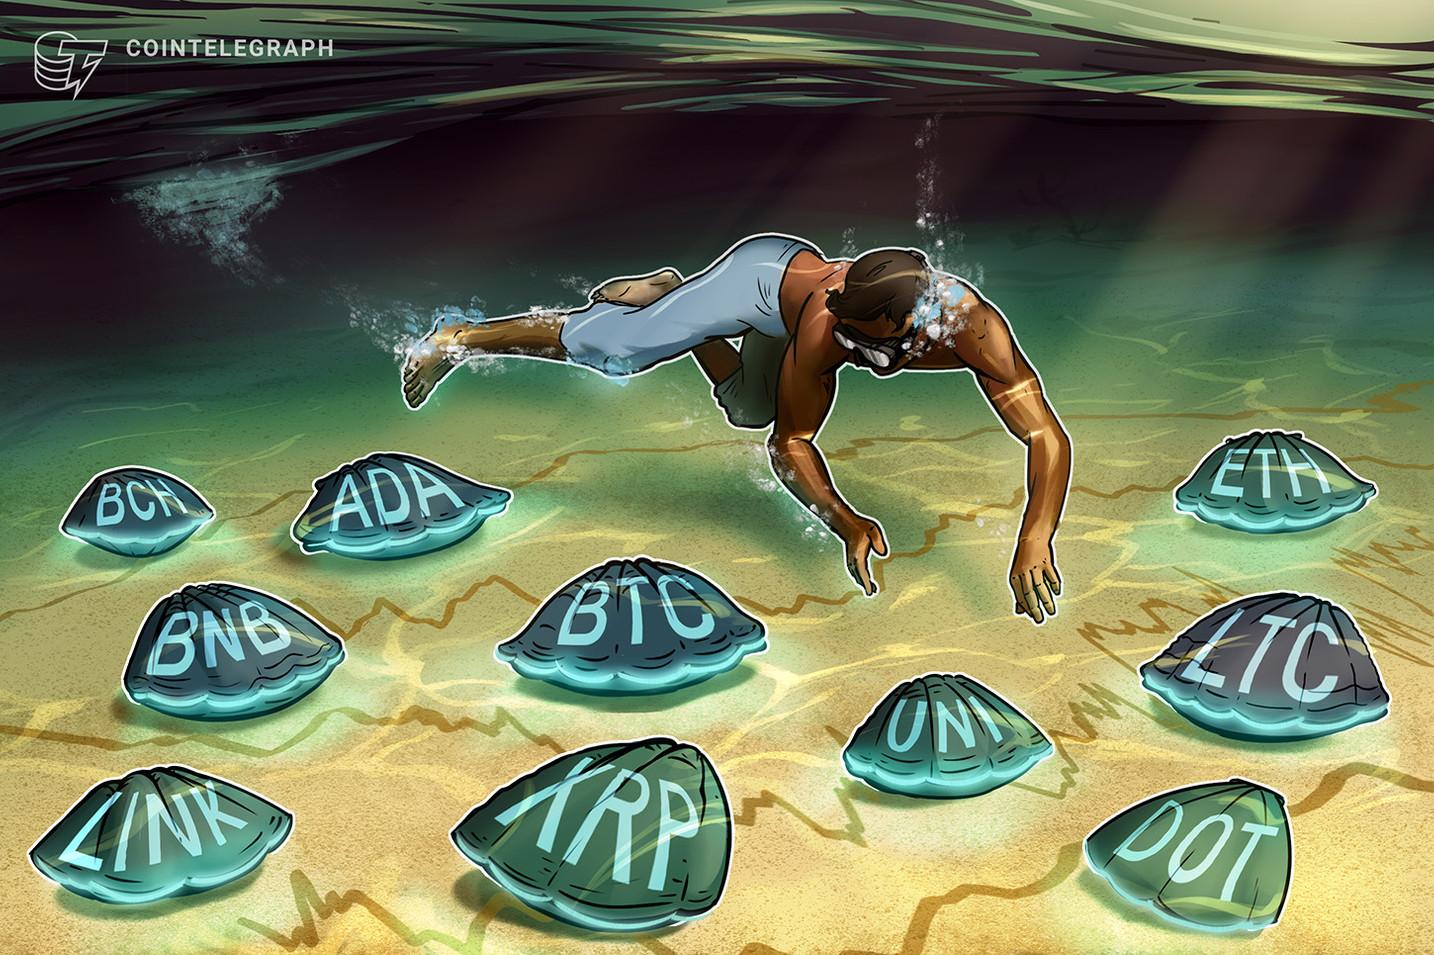 Análisis de precios del 10 de marzo: BTC, ETH, BNB, ADA, DOT, XRP, UNI, LTC, LINK, BCH